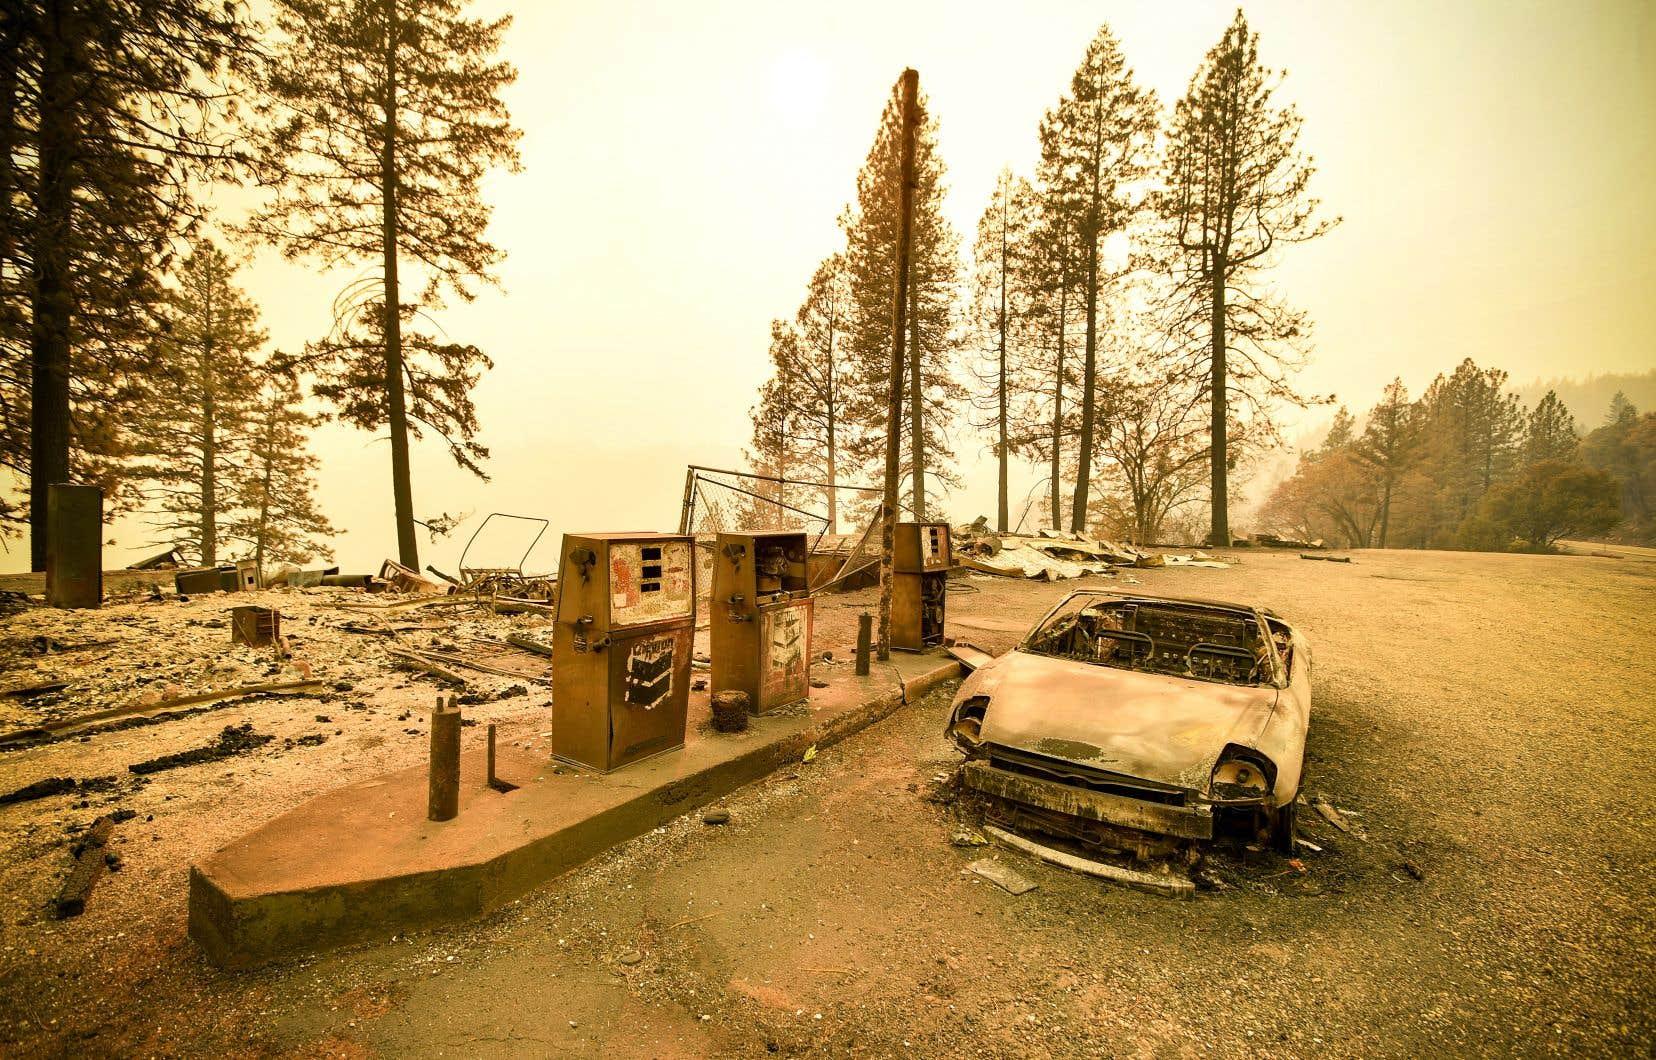 La série d'incendies de forêts qui ravagent la Californie cette année est historique. À ce jour, quelque 6750 km² ont été brûlés lors de 7579 incendies. Les autorités font état de 71 morts et de plus de 1 000 personnes disparues.